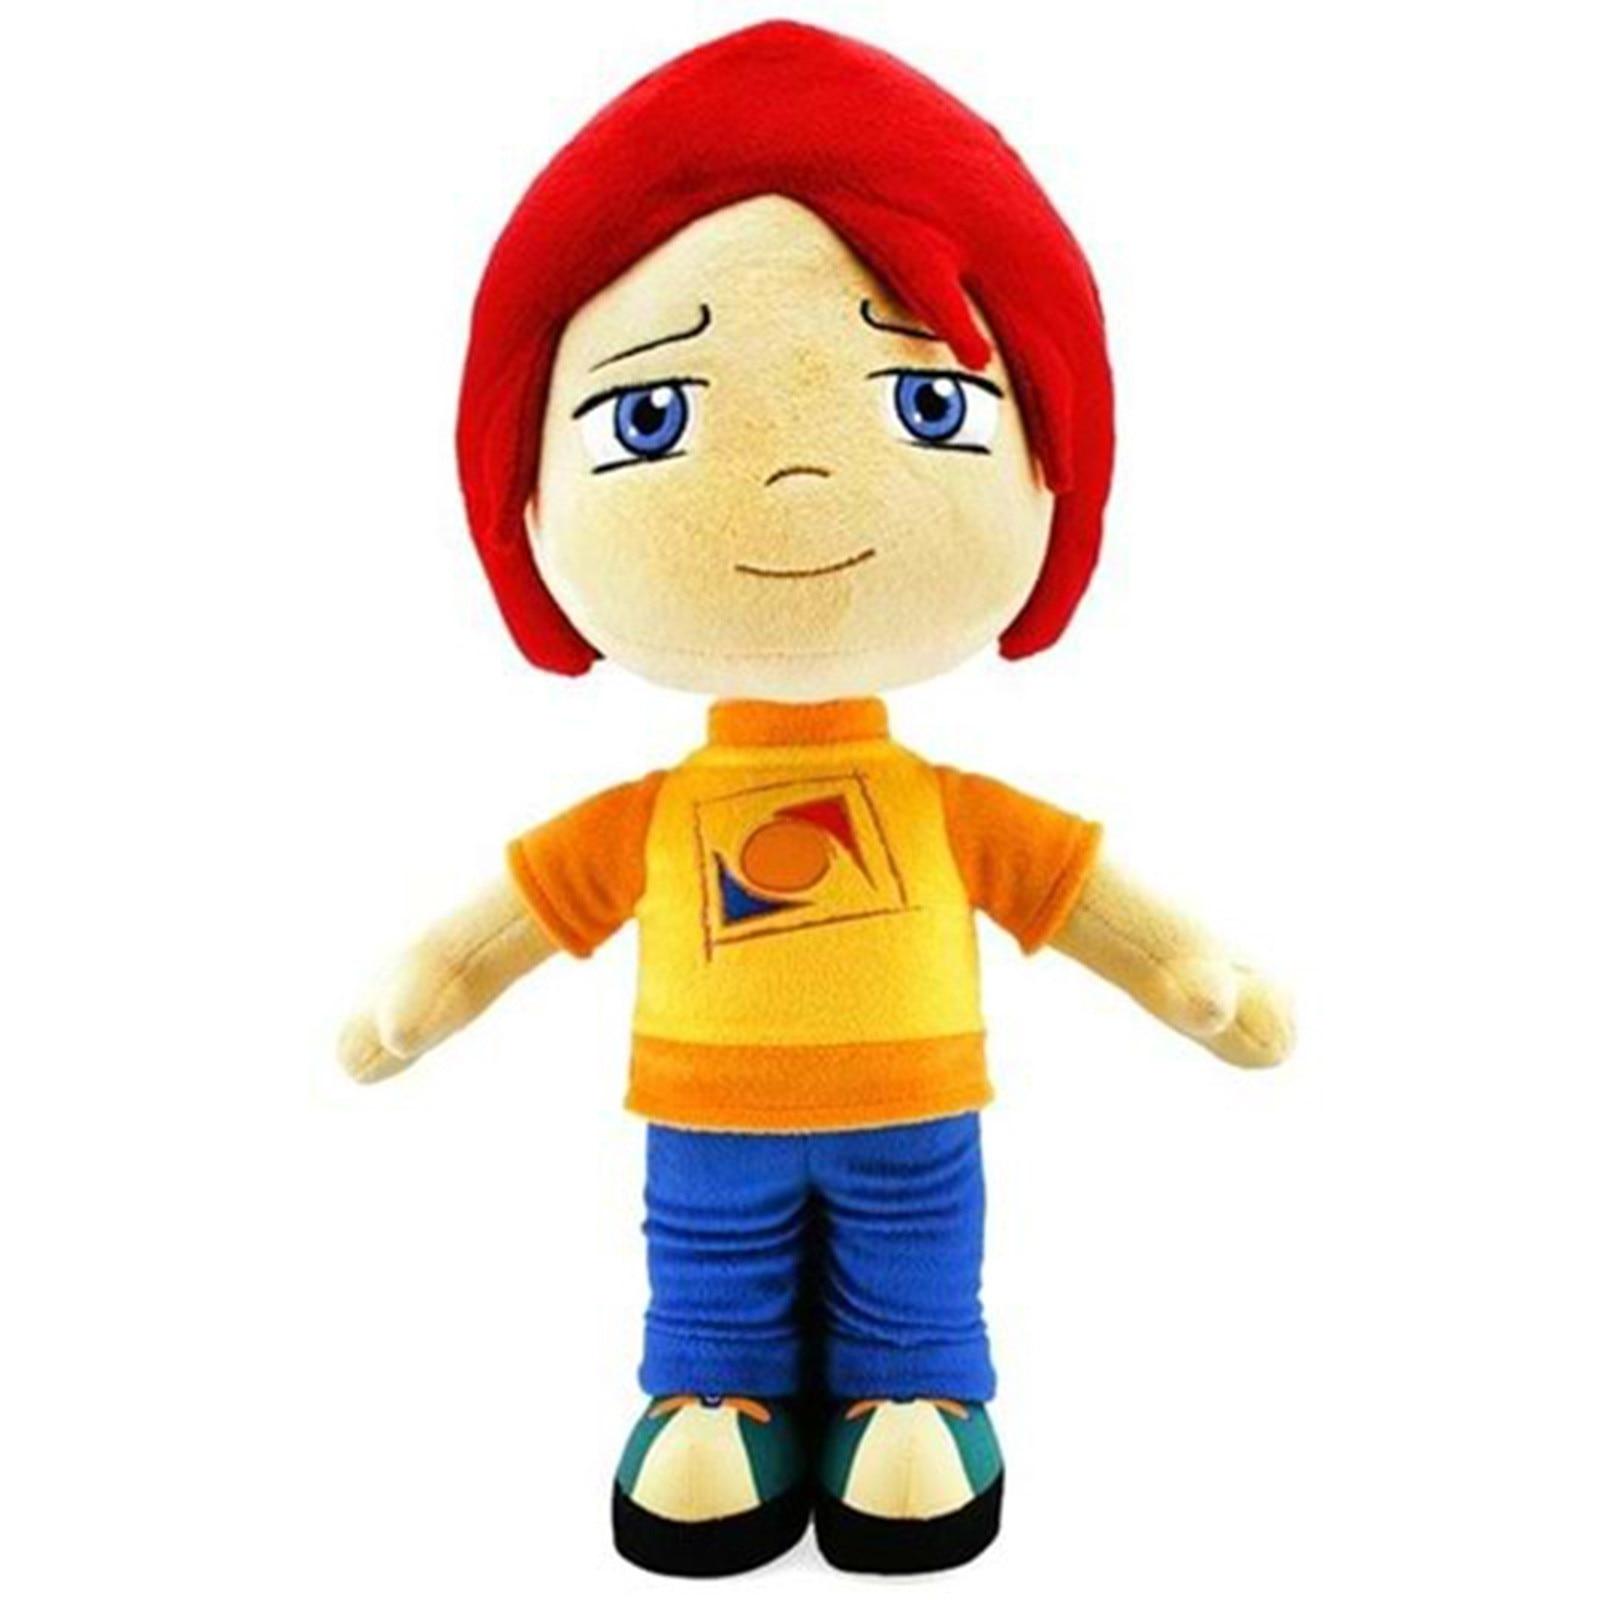 Ebebek Neco Toys Liko Soft Velboa Turkish Speaking 30 Cm